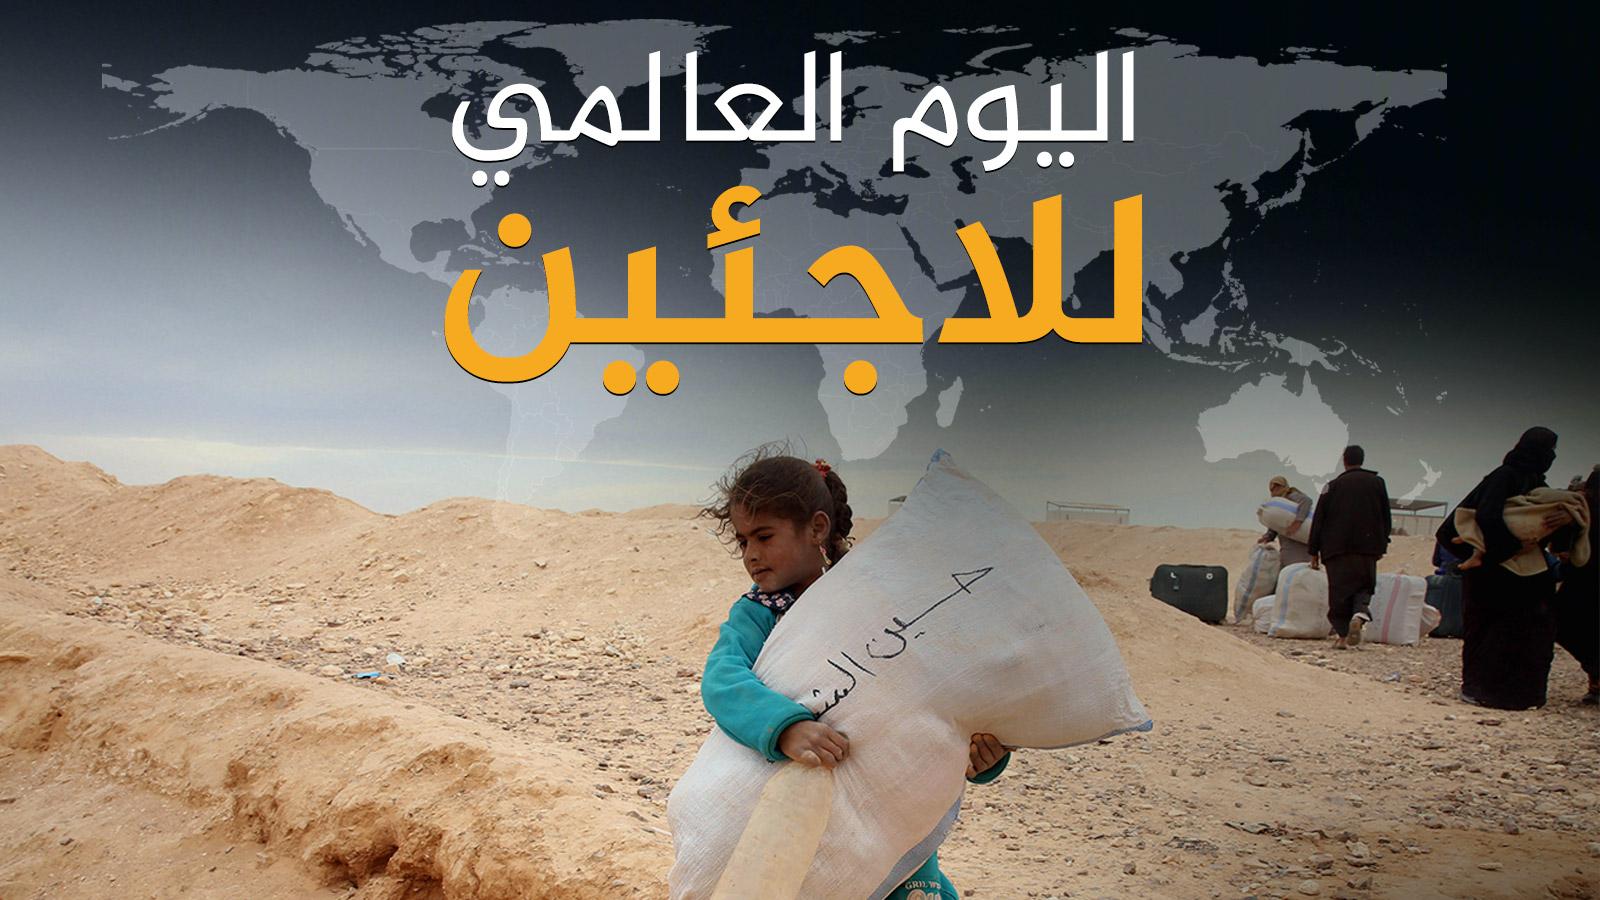 الاحتفاء باليوم العالمي للاجئ من 16 إلى 21 يونيو 2019